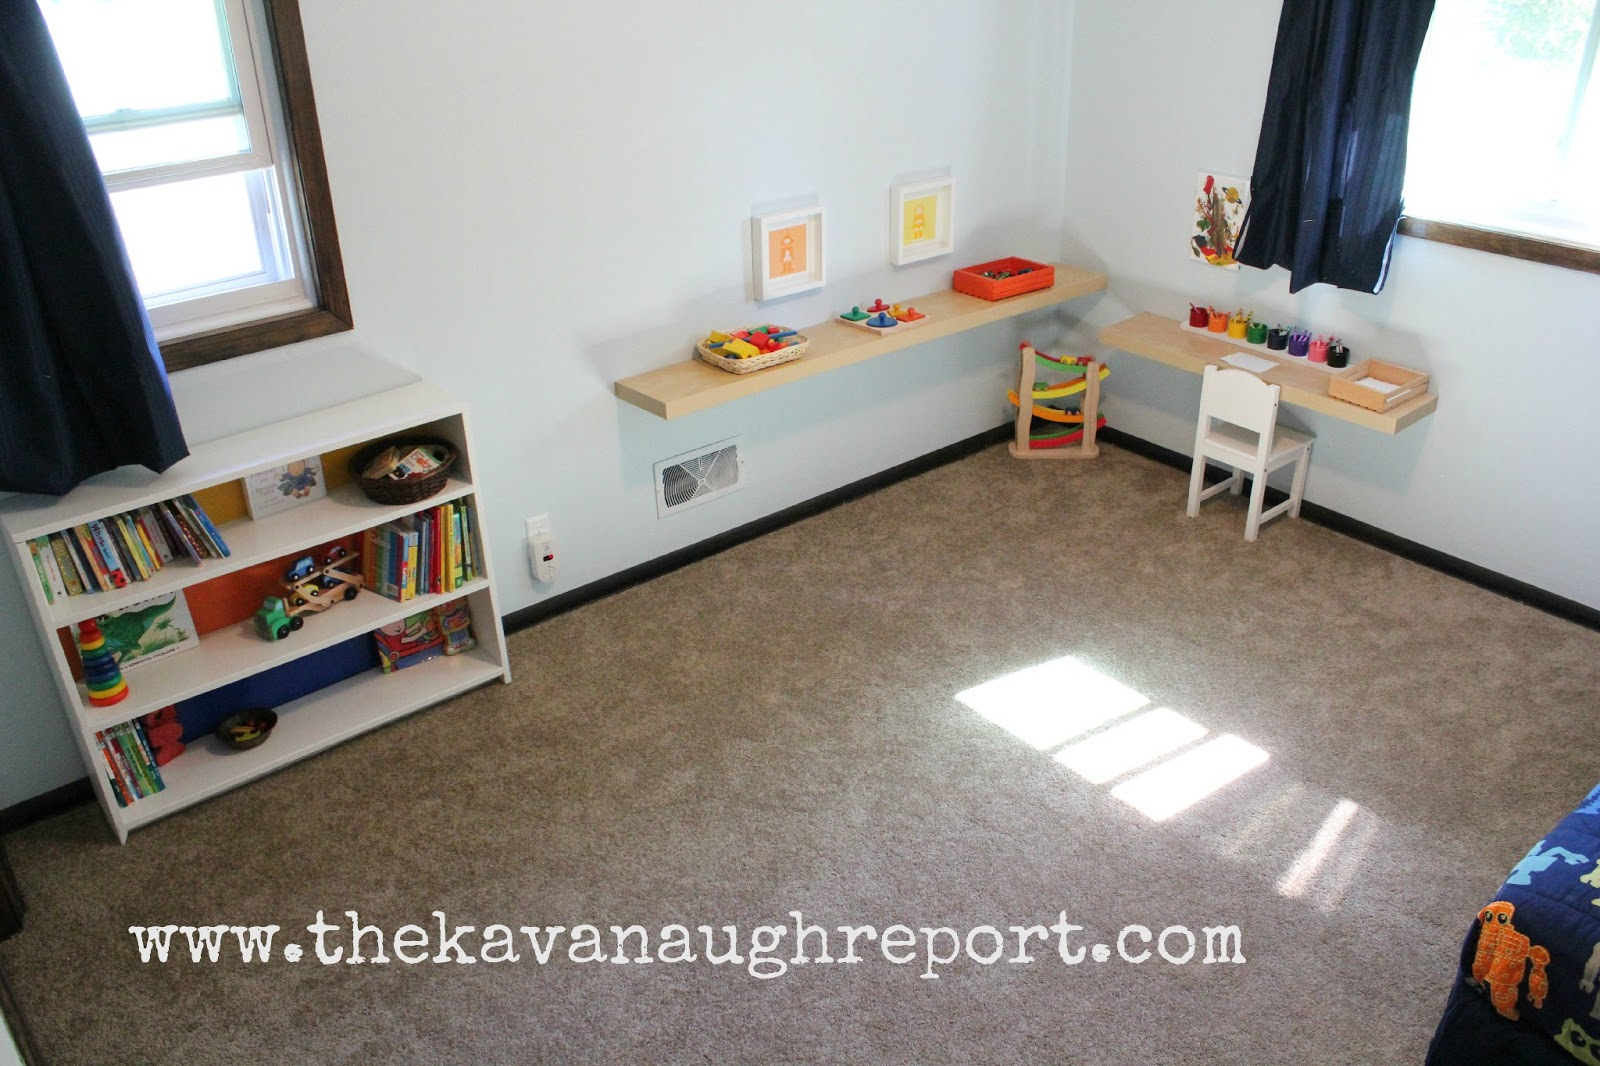 montessori toddler bedroom. Black Bedroom Furniture Sets. Home Design Ideas